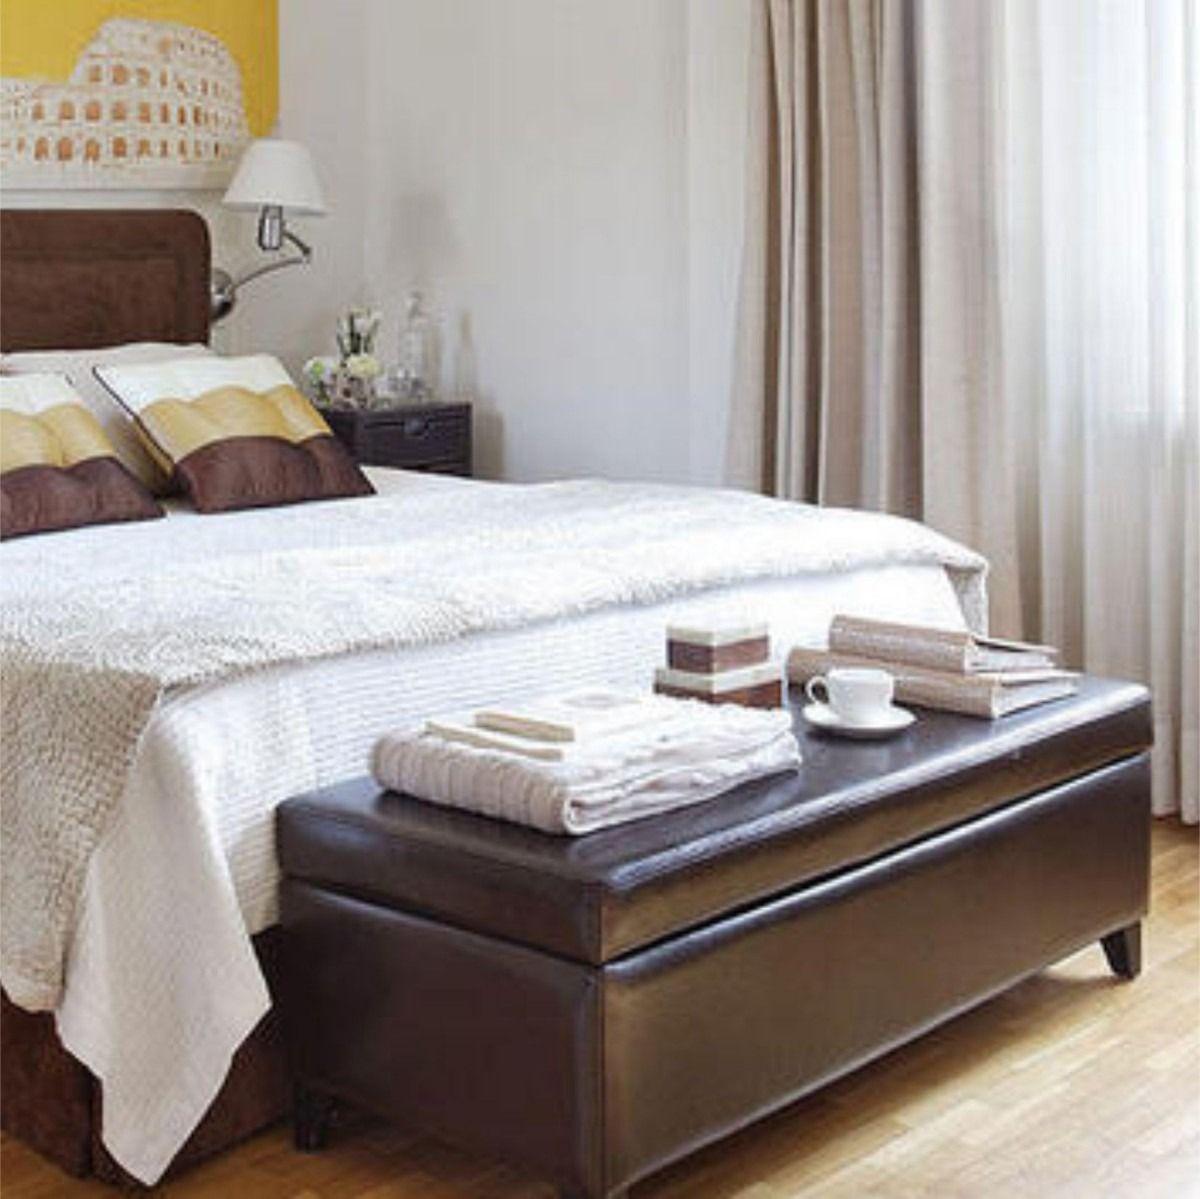 Pie de cama sommier ba l banqueta zapatero 1 2 m diqua for Cama zapatero